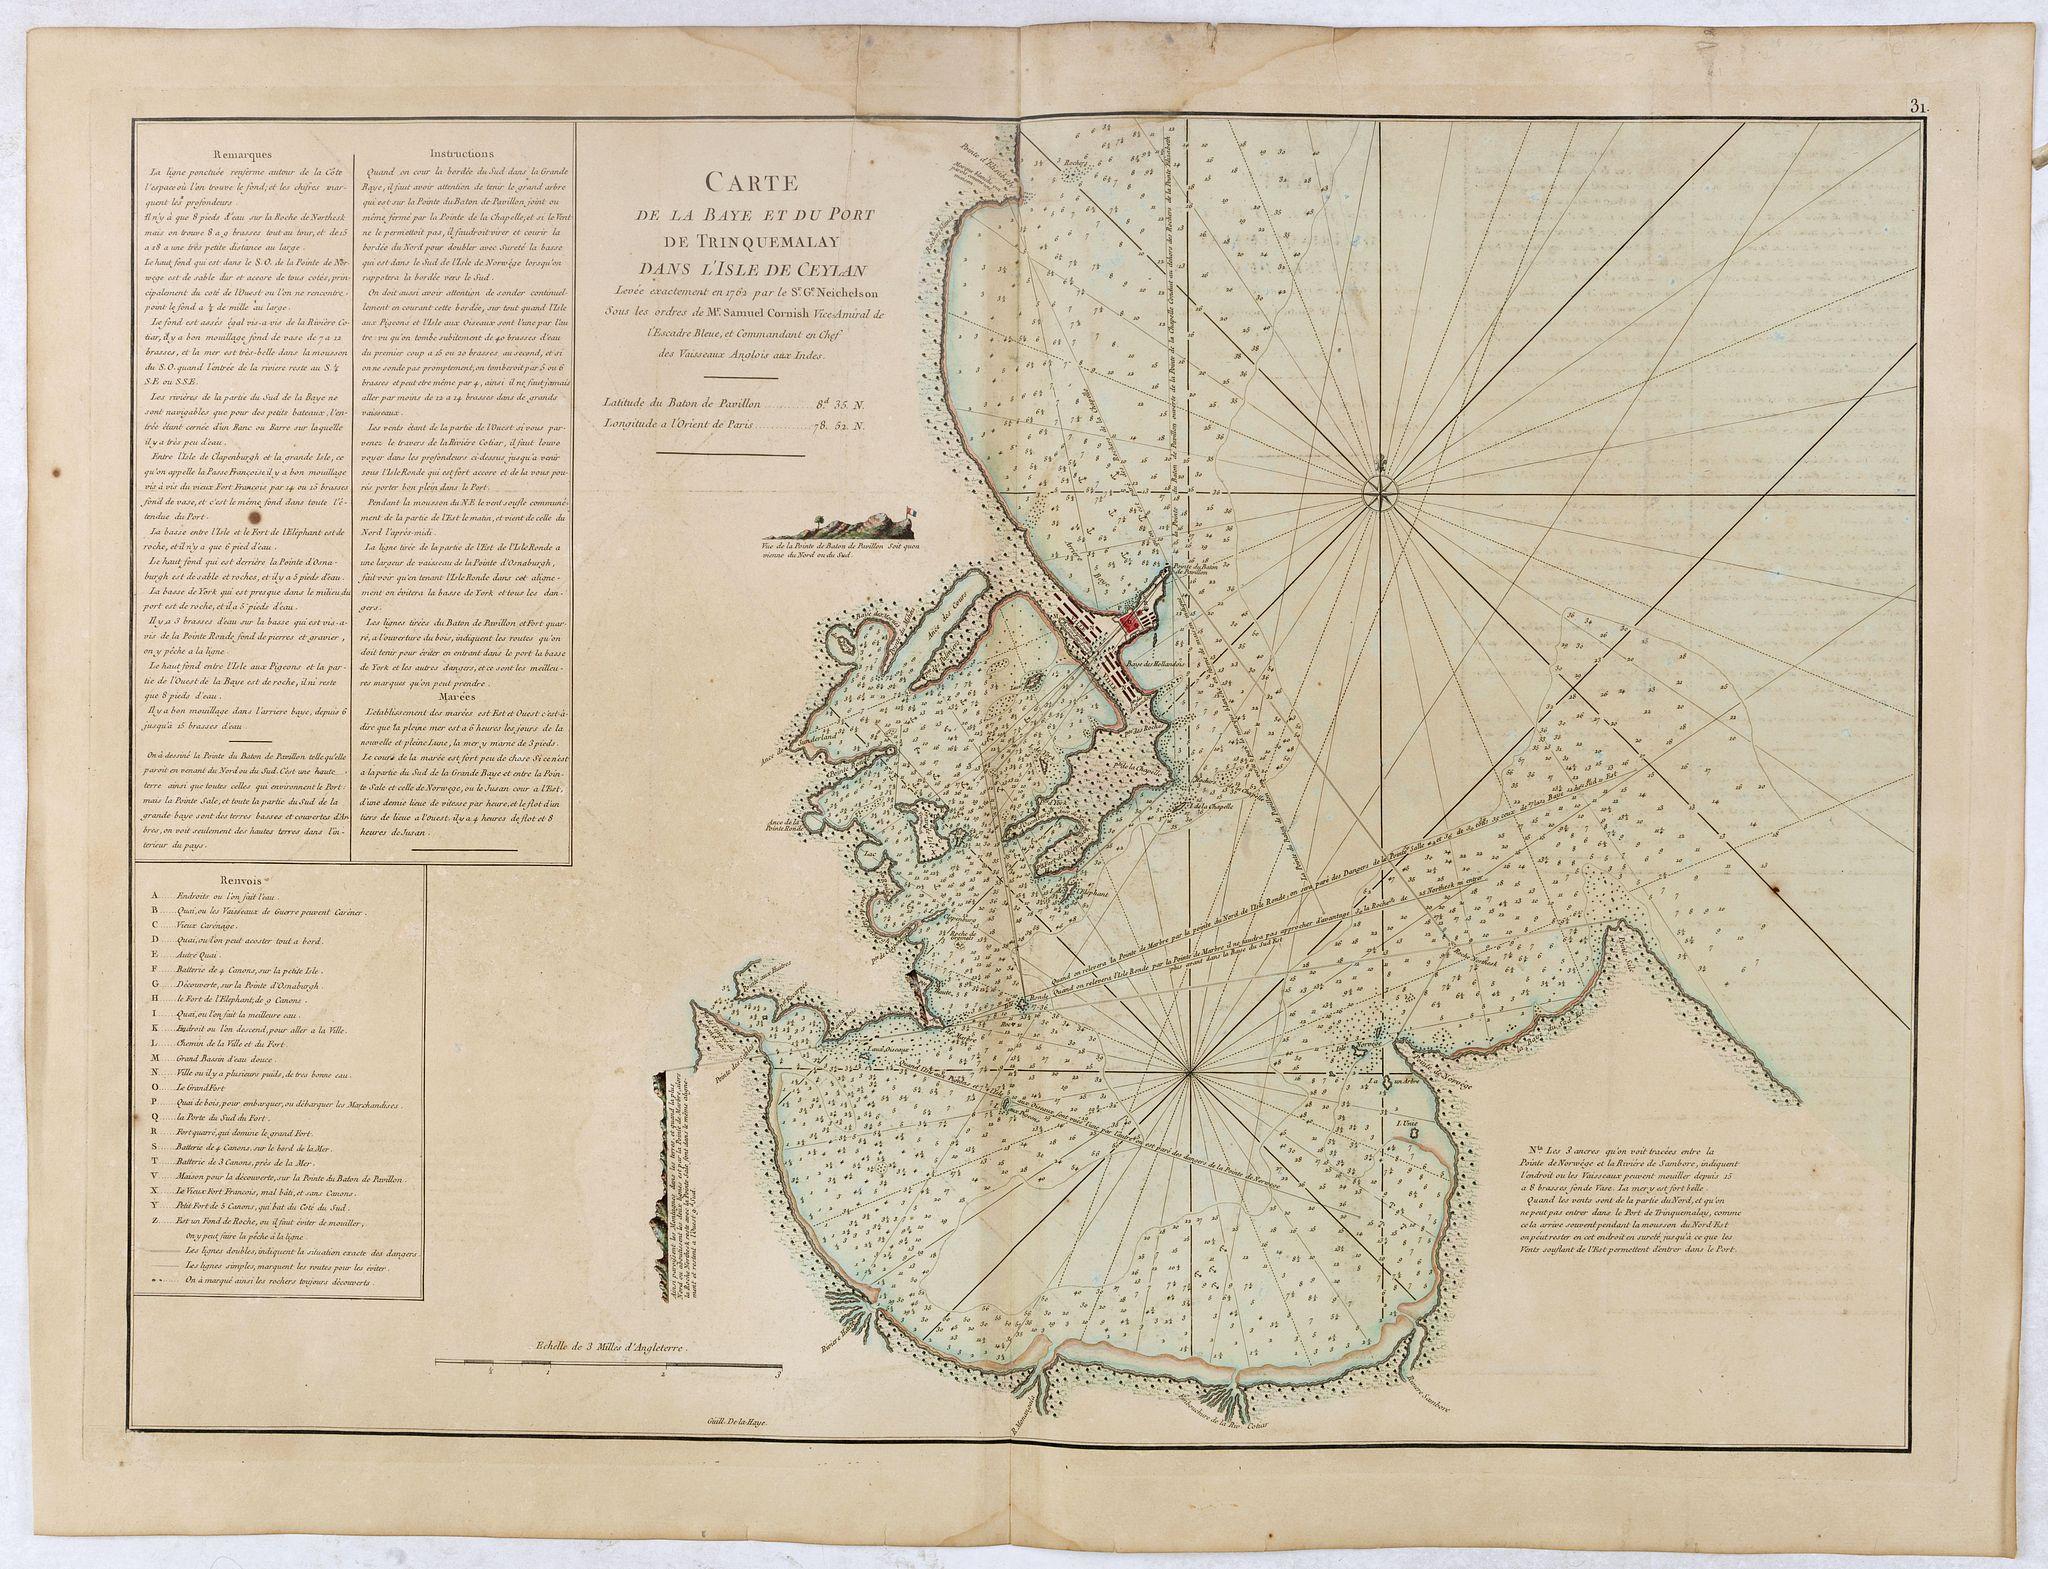 D'APRES DE MANNEVILLETTE. -  Carte de la Baye et du Port de Trinquemalay Dans L'Isle de Ceylan.